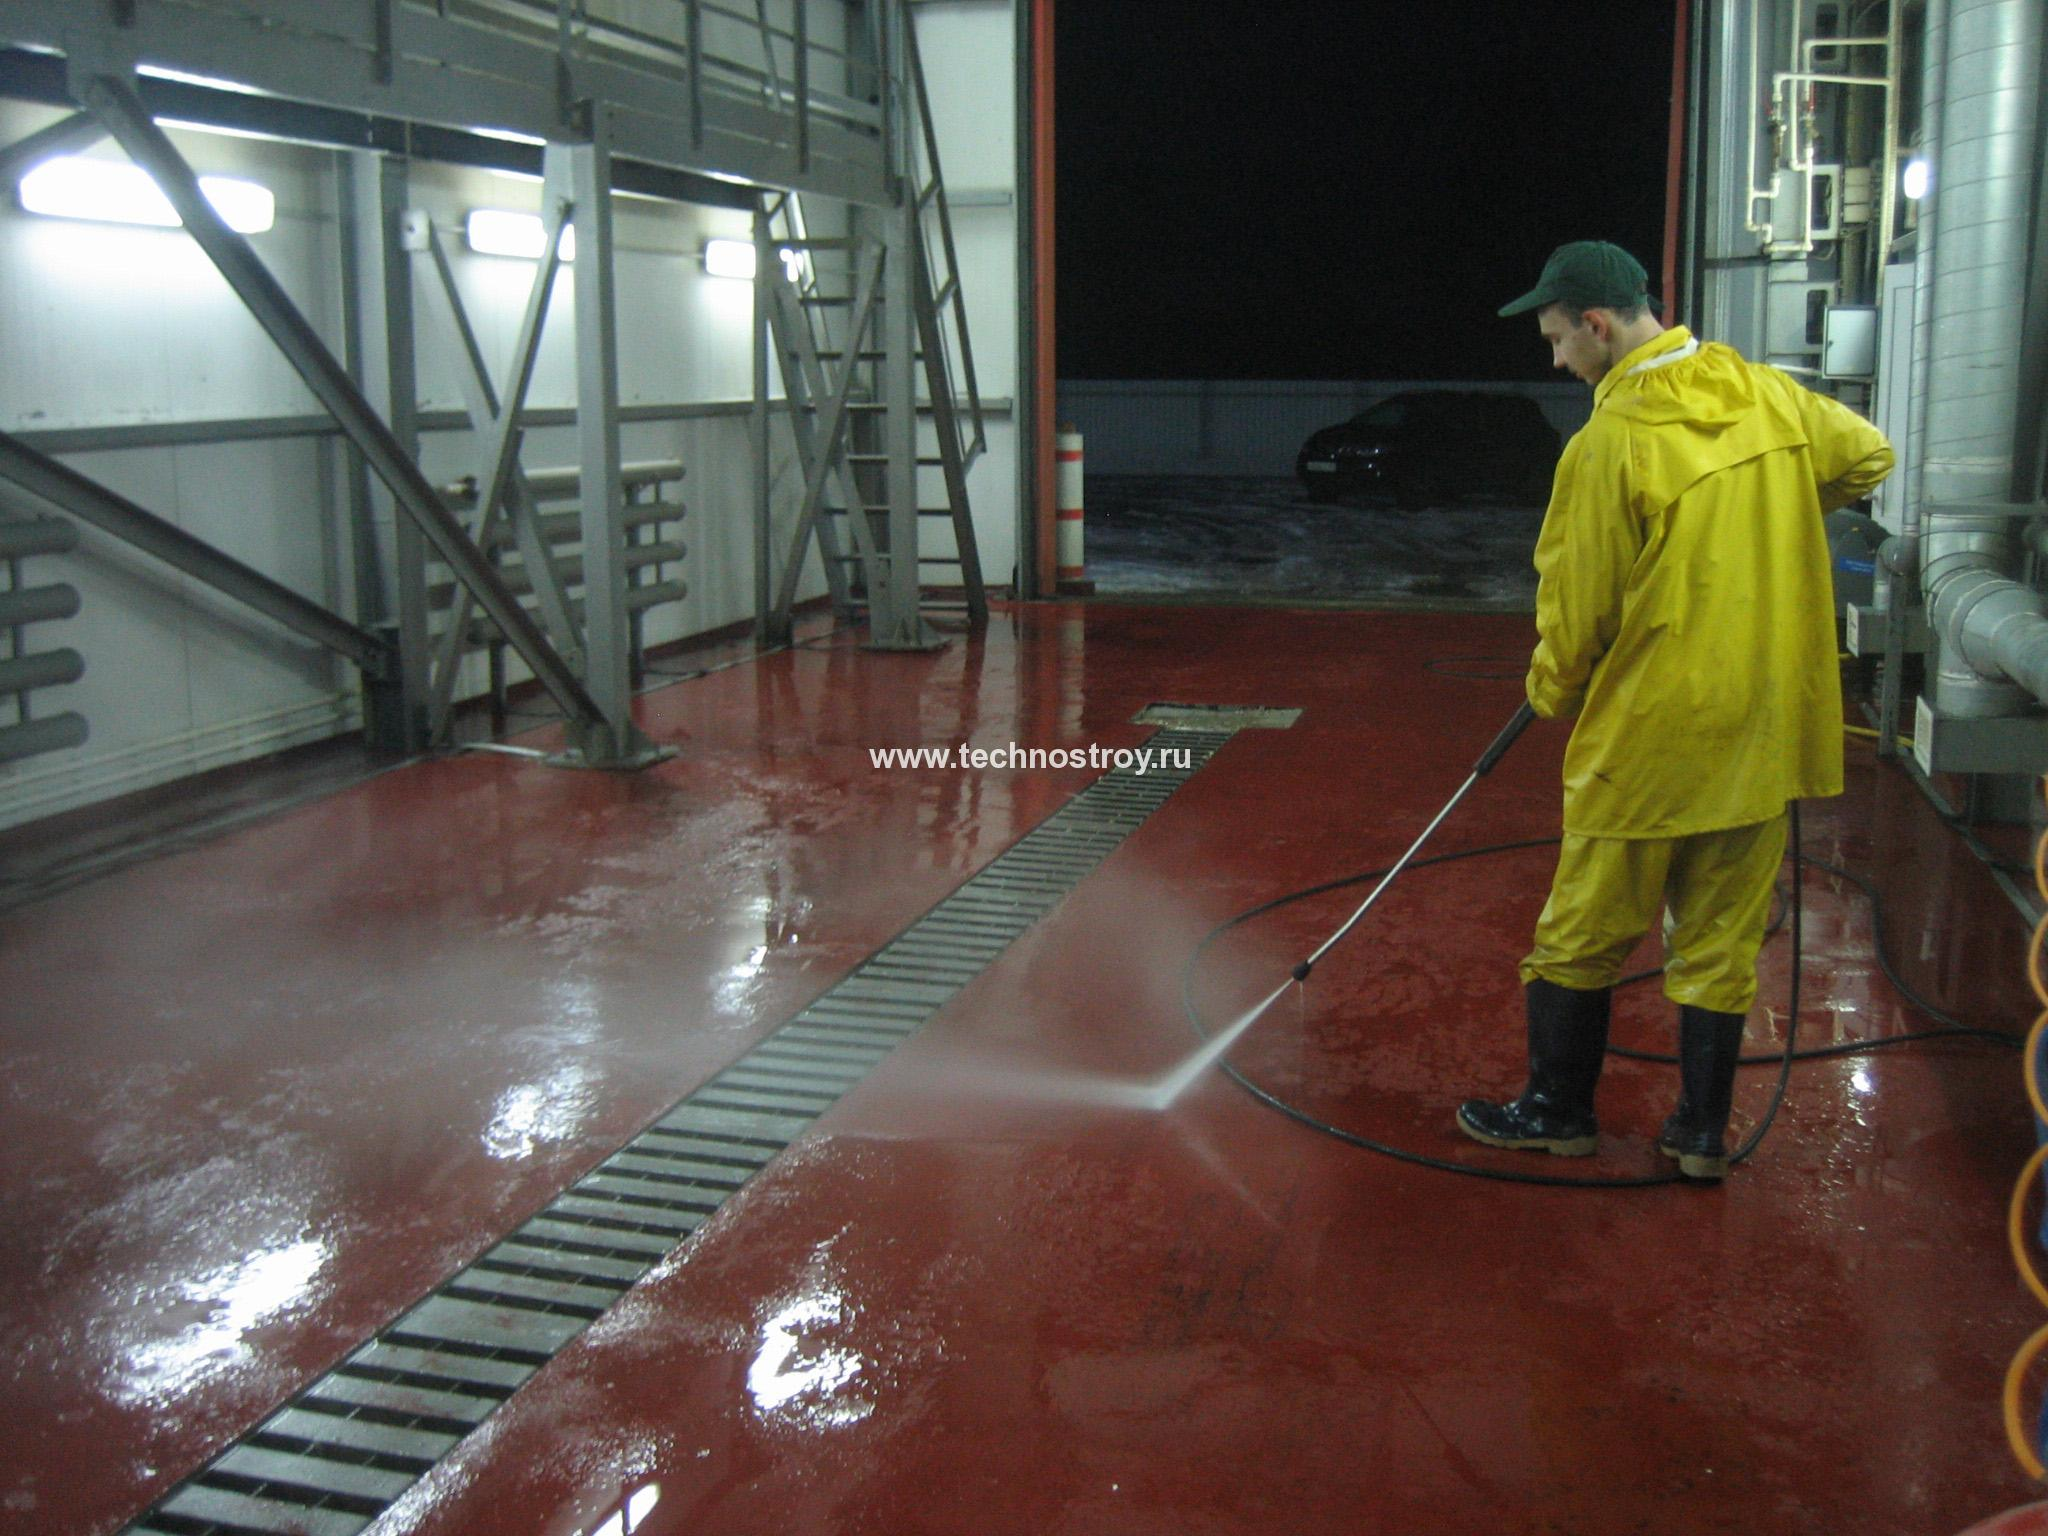 Наливные полы в брянске компании битумная мастика для битумной черепицы